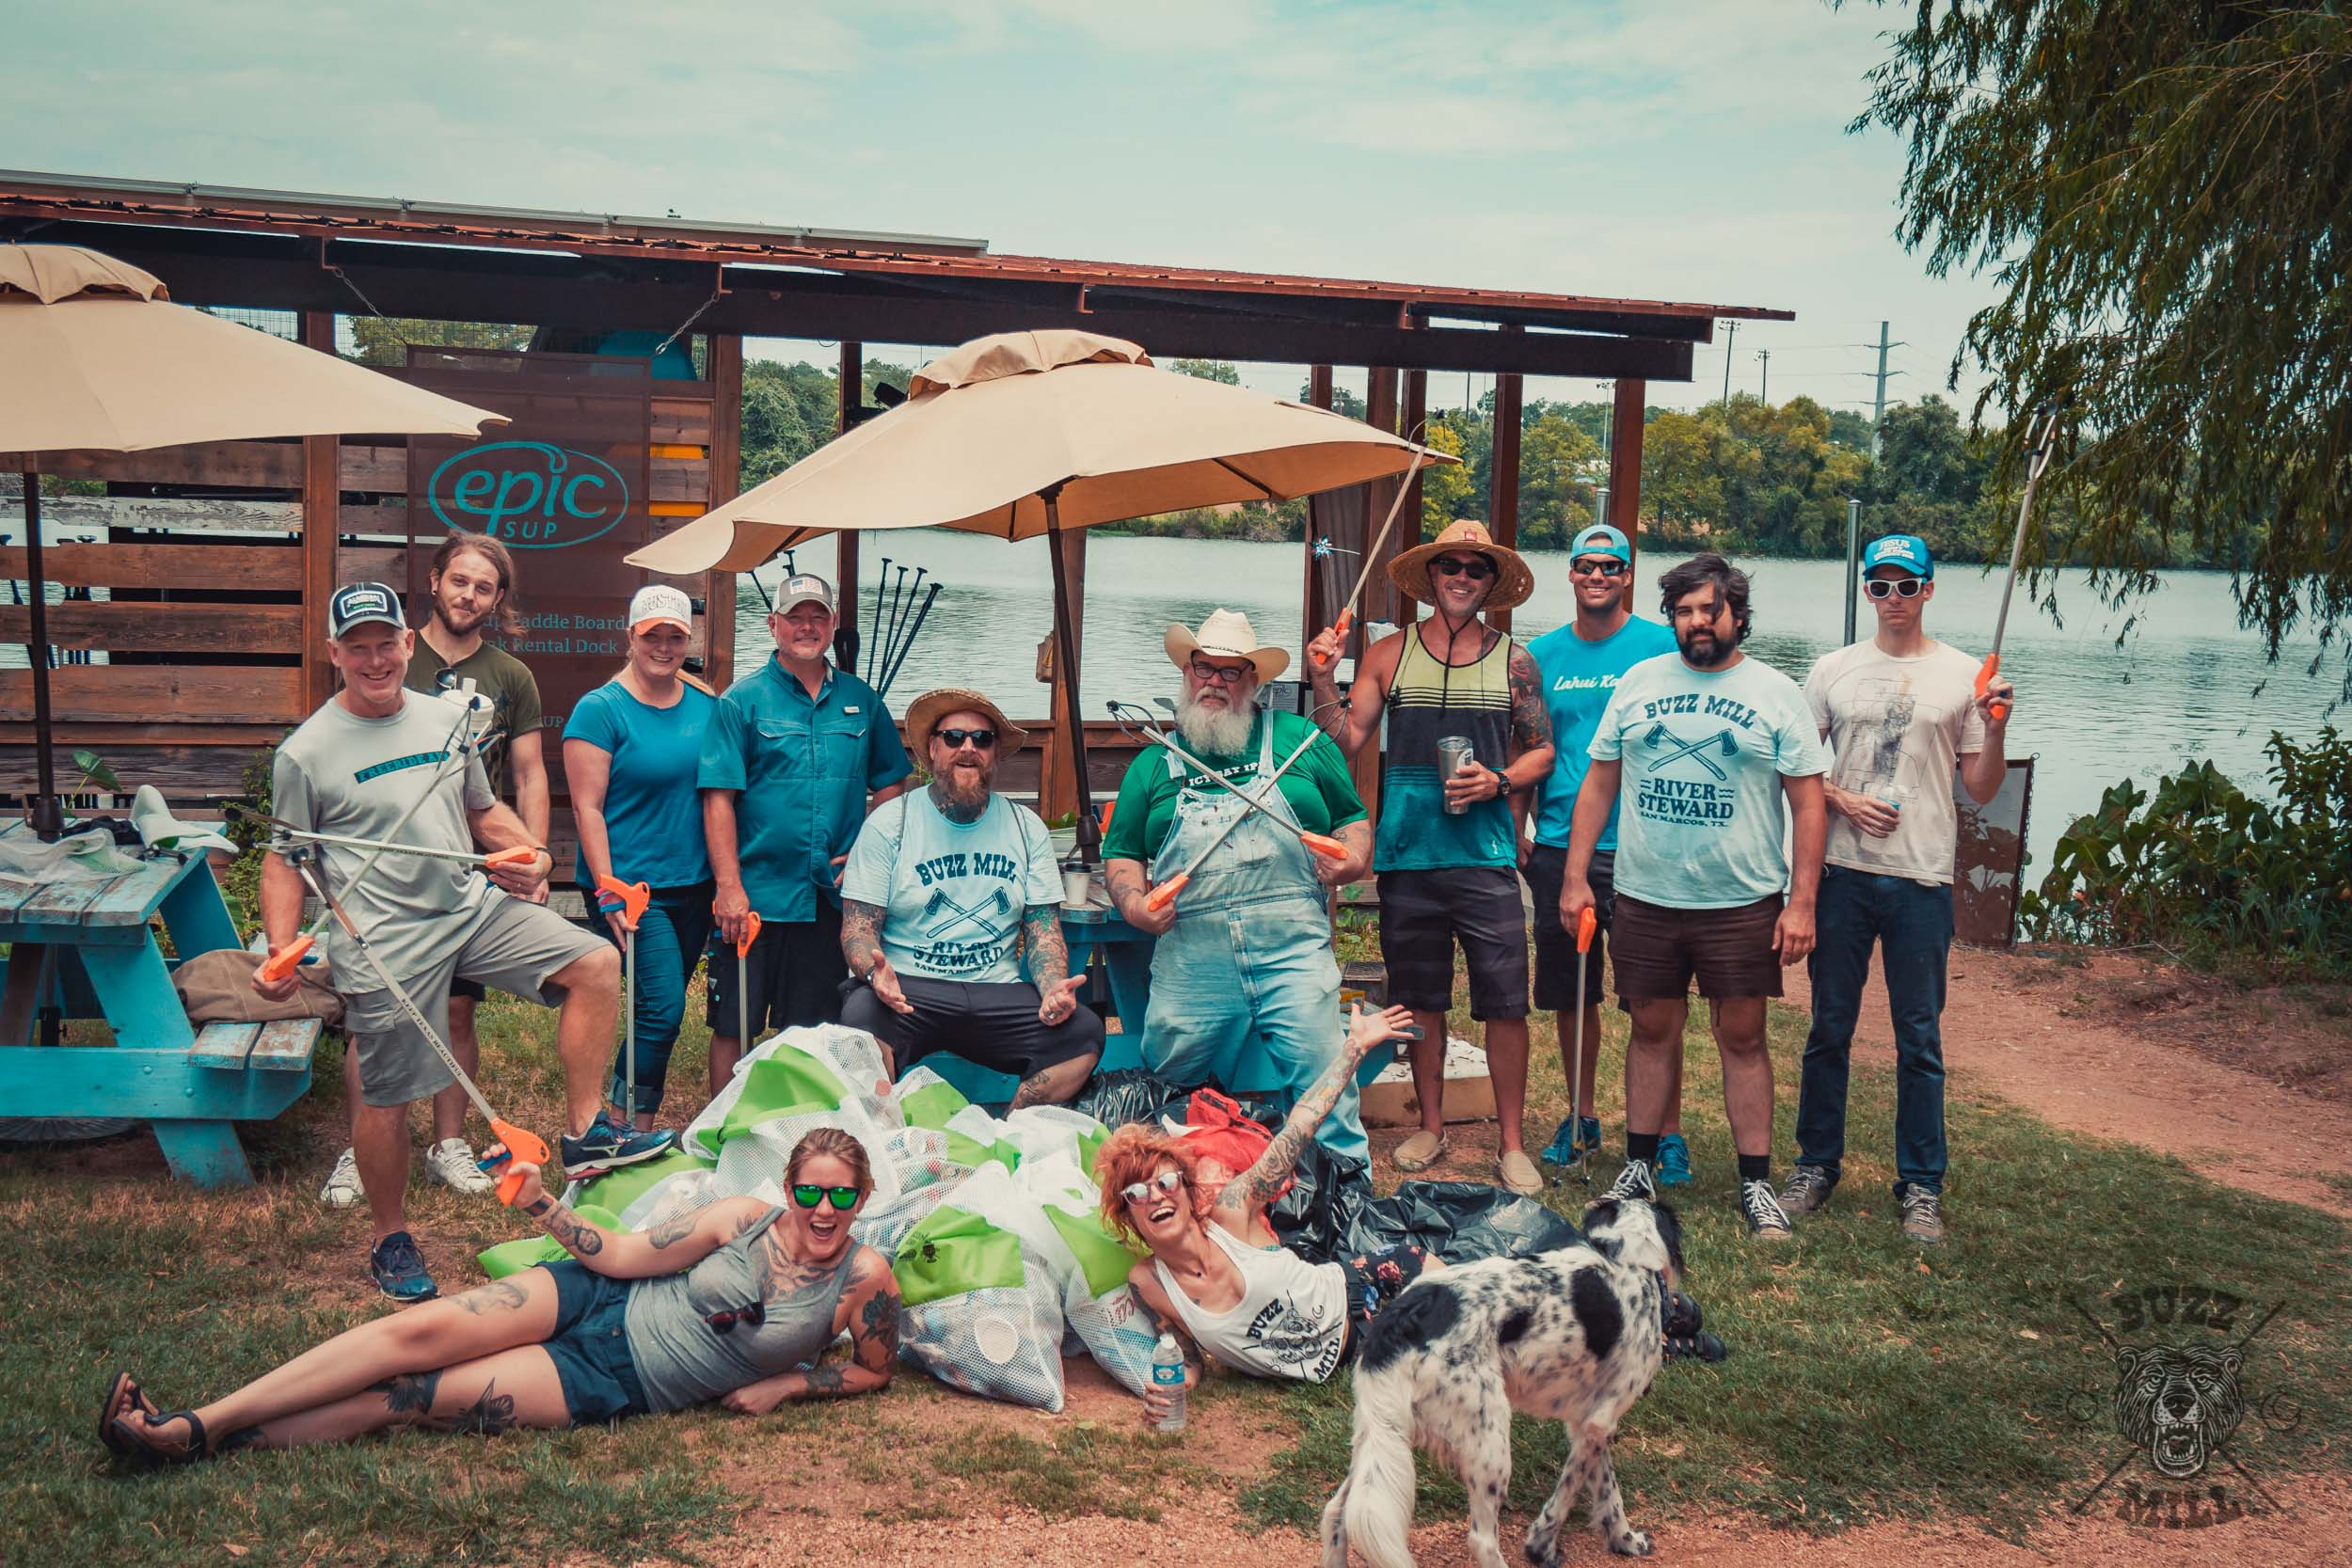 Buzz Mill, Austin TXAugust 6th, 2017 - Austin River Clean Up